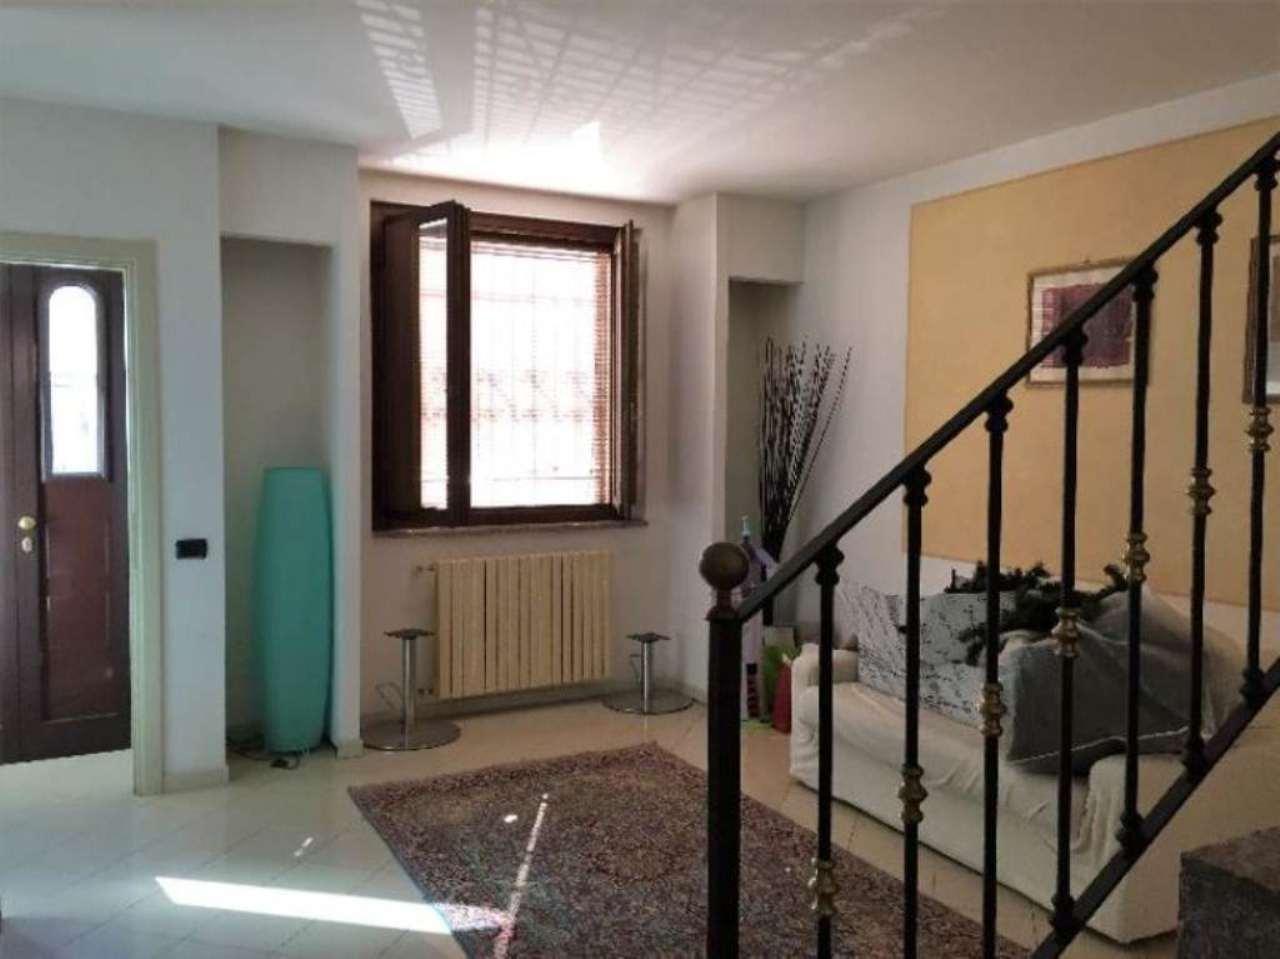 Rustico / Casale in vendita a Sesto ed Uniti, 3 locali, prezzo € 127.000 | Cambio Casa.it